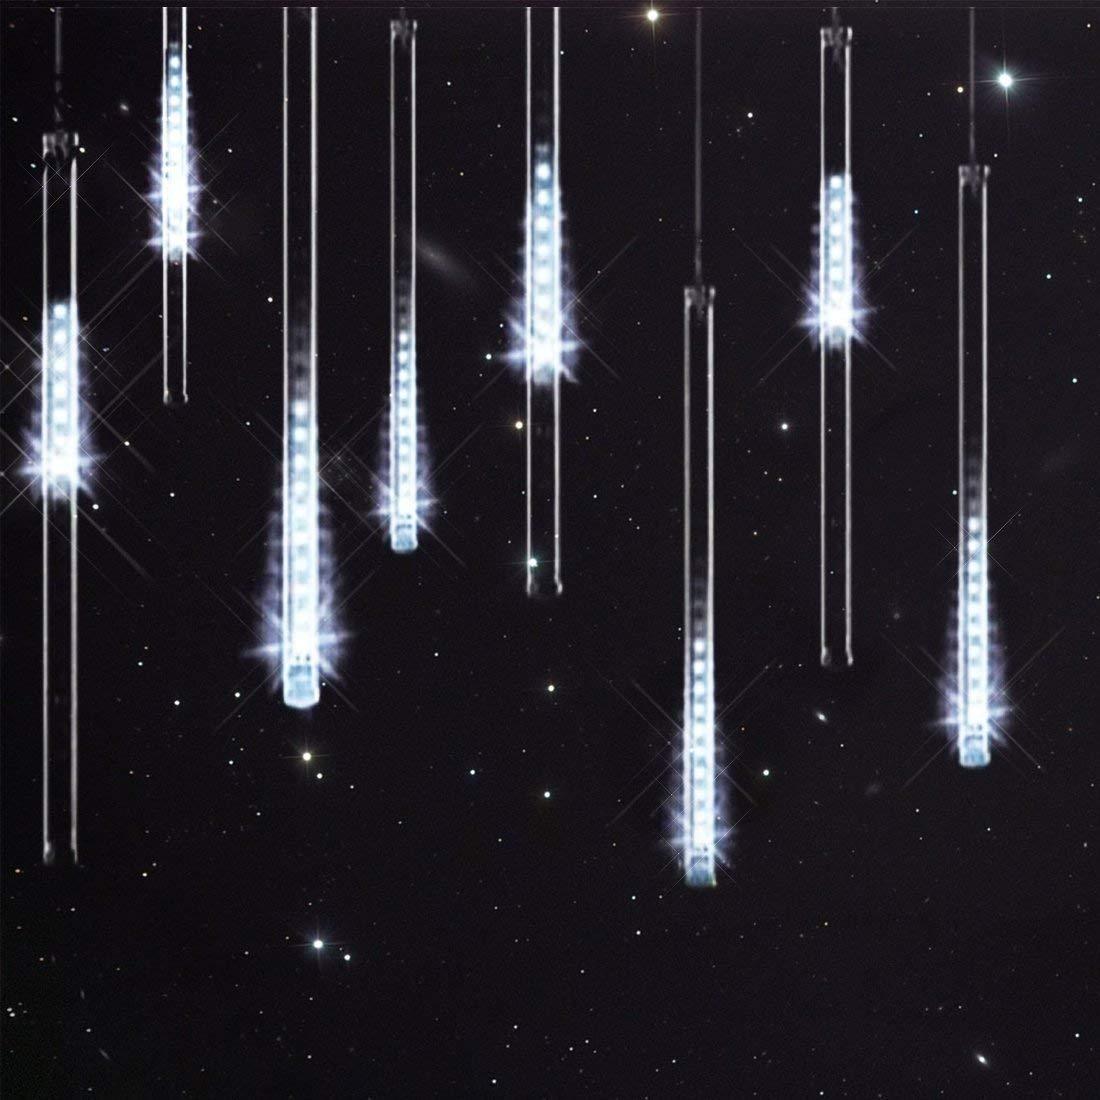 ABelle Bianco Meteor Doccia Pioggia Luci Impermeabili Della Corda Per Festa di Nozze Decorazione Dell\'Albero di Natale di Natale 30 Centimeter 8 tubo Luci Natalizie Per Esterni